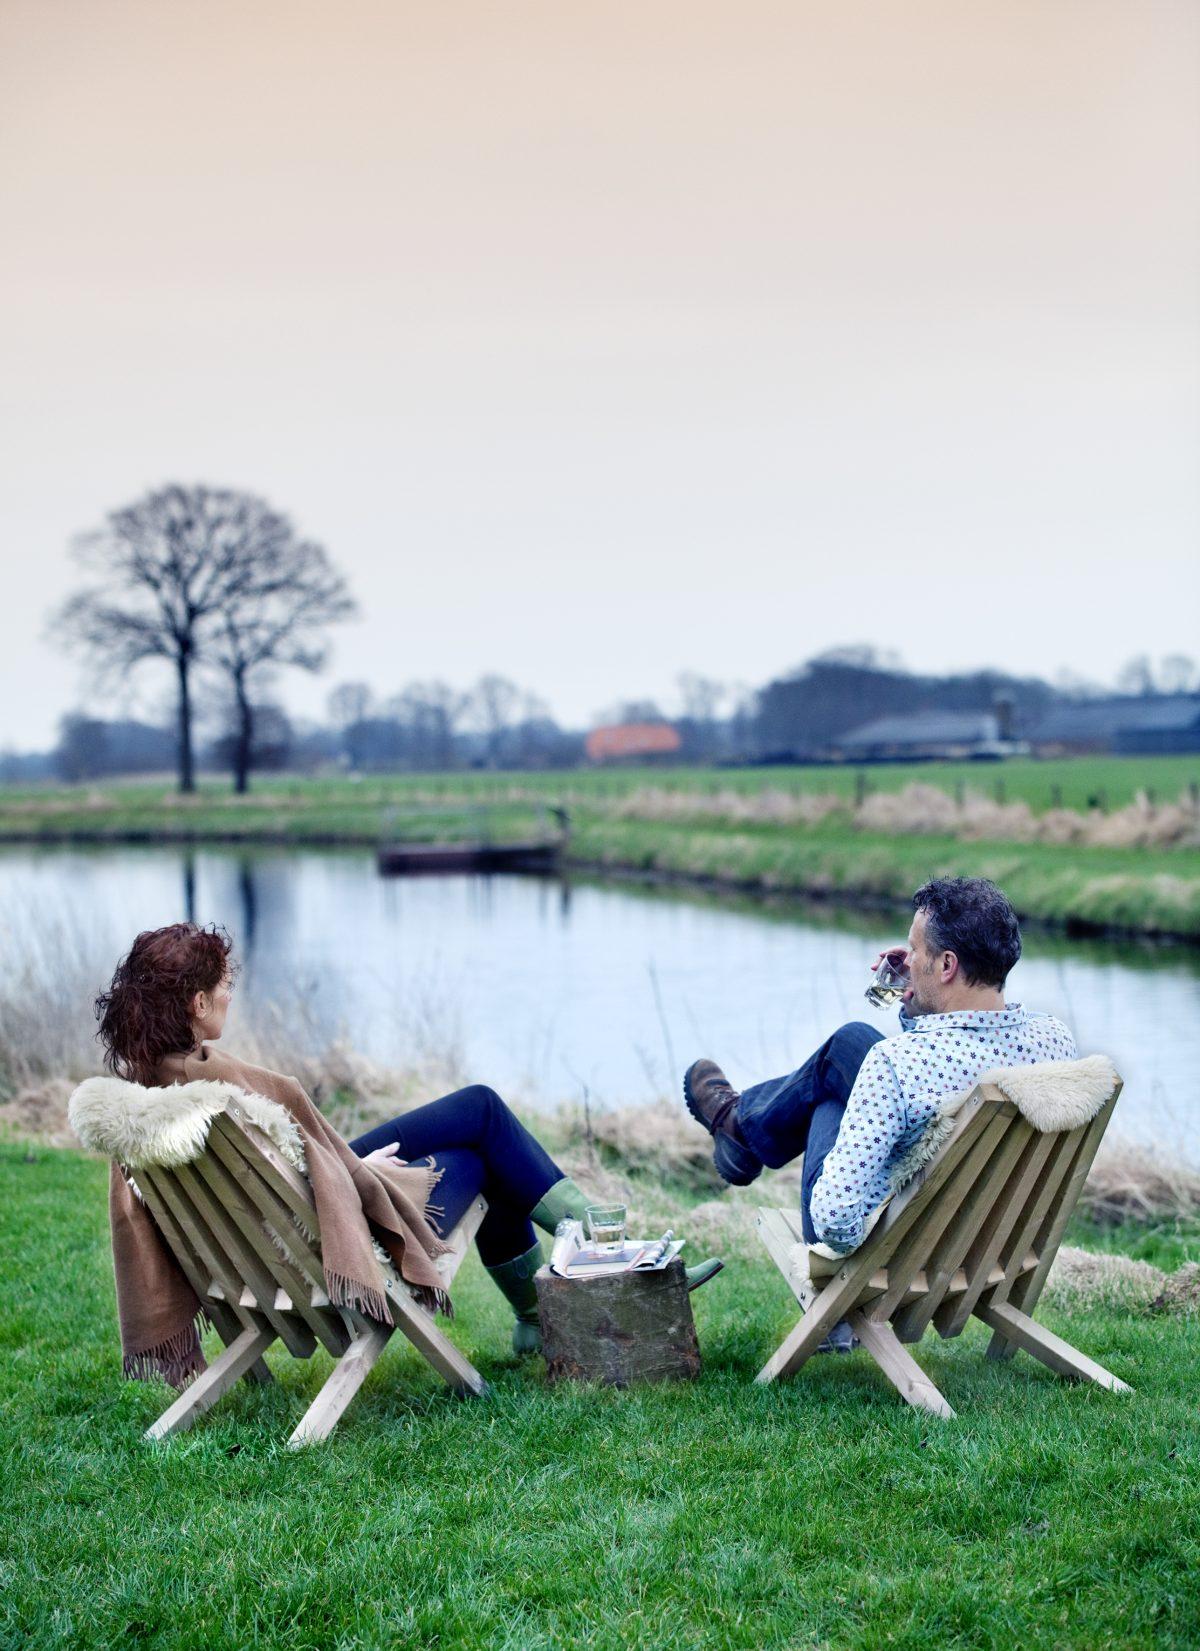 Fieldchairs Weltevree Buitenleven Gras Wijn Relax Gimmiishop